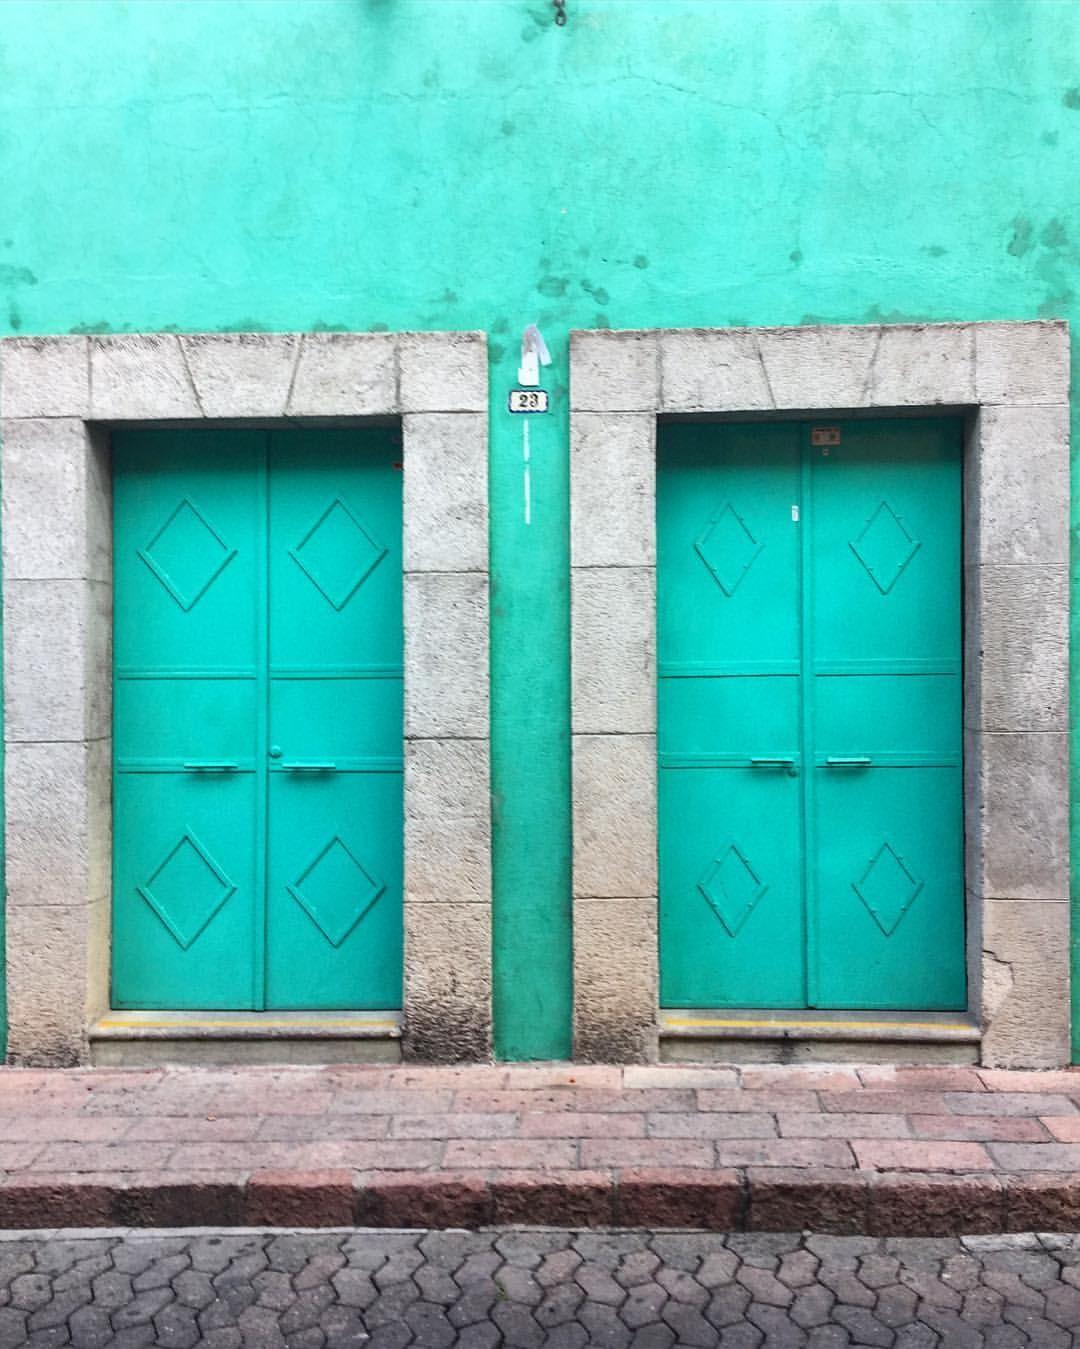 Tequisquiapan, Mexico